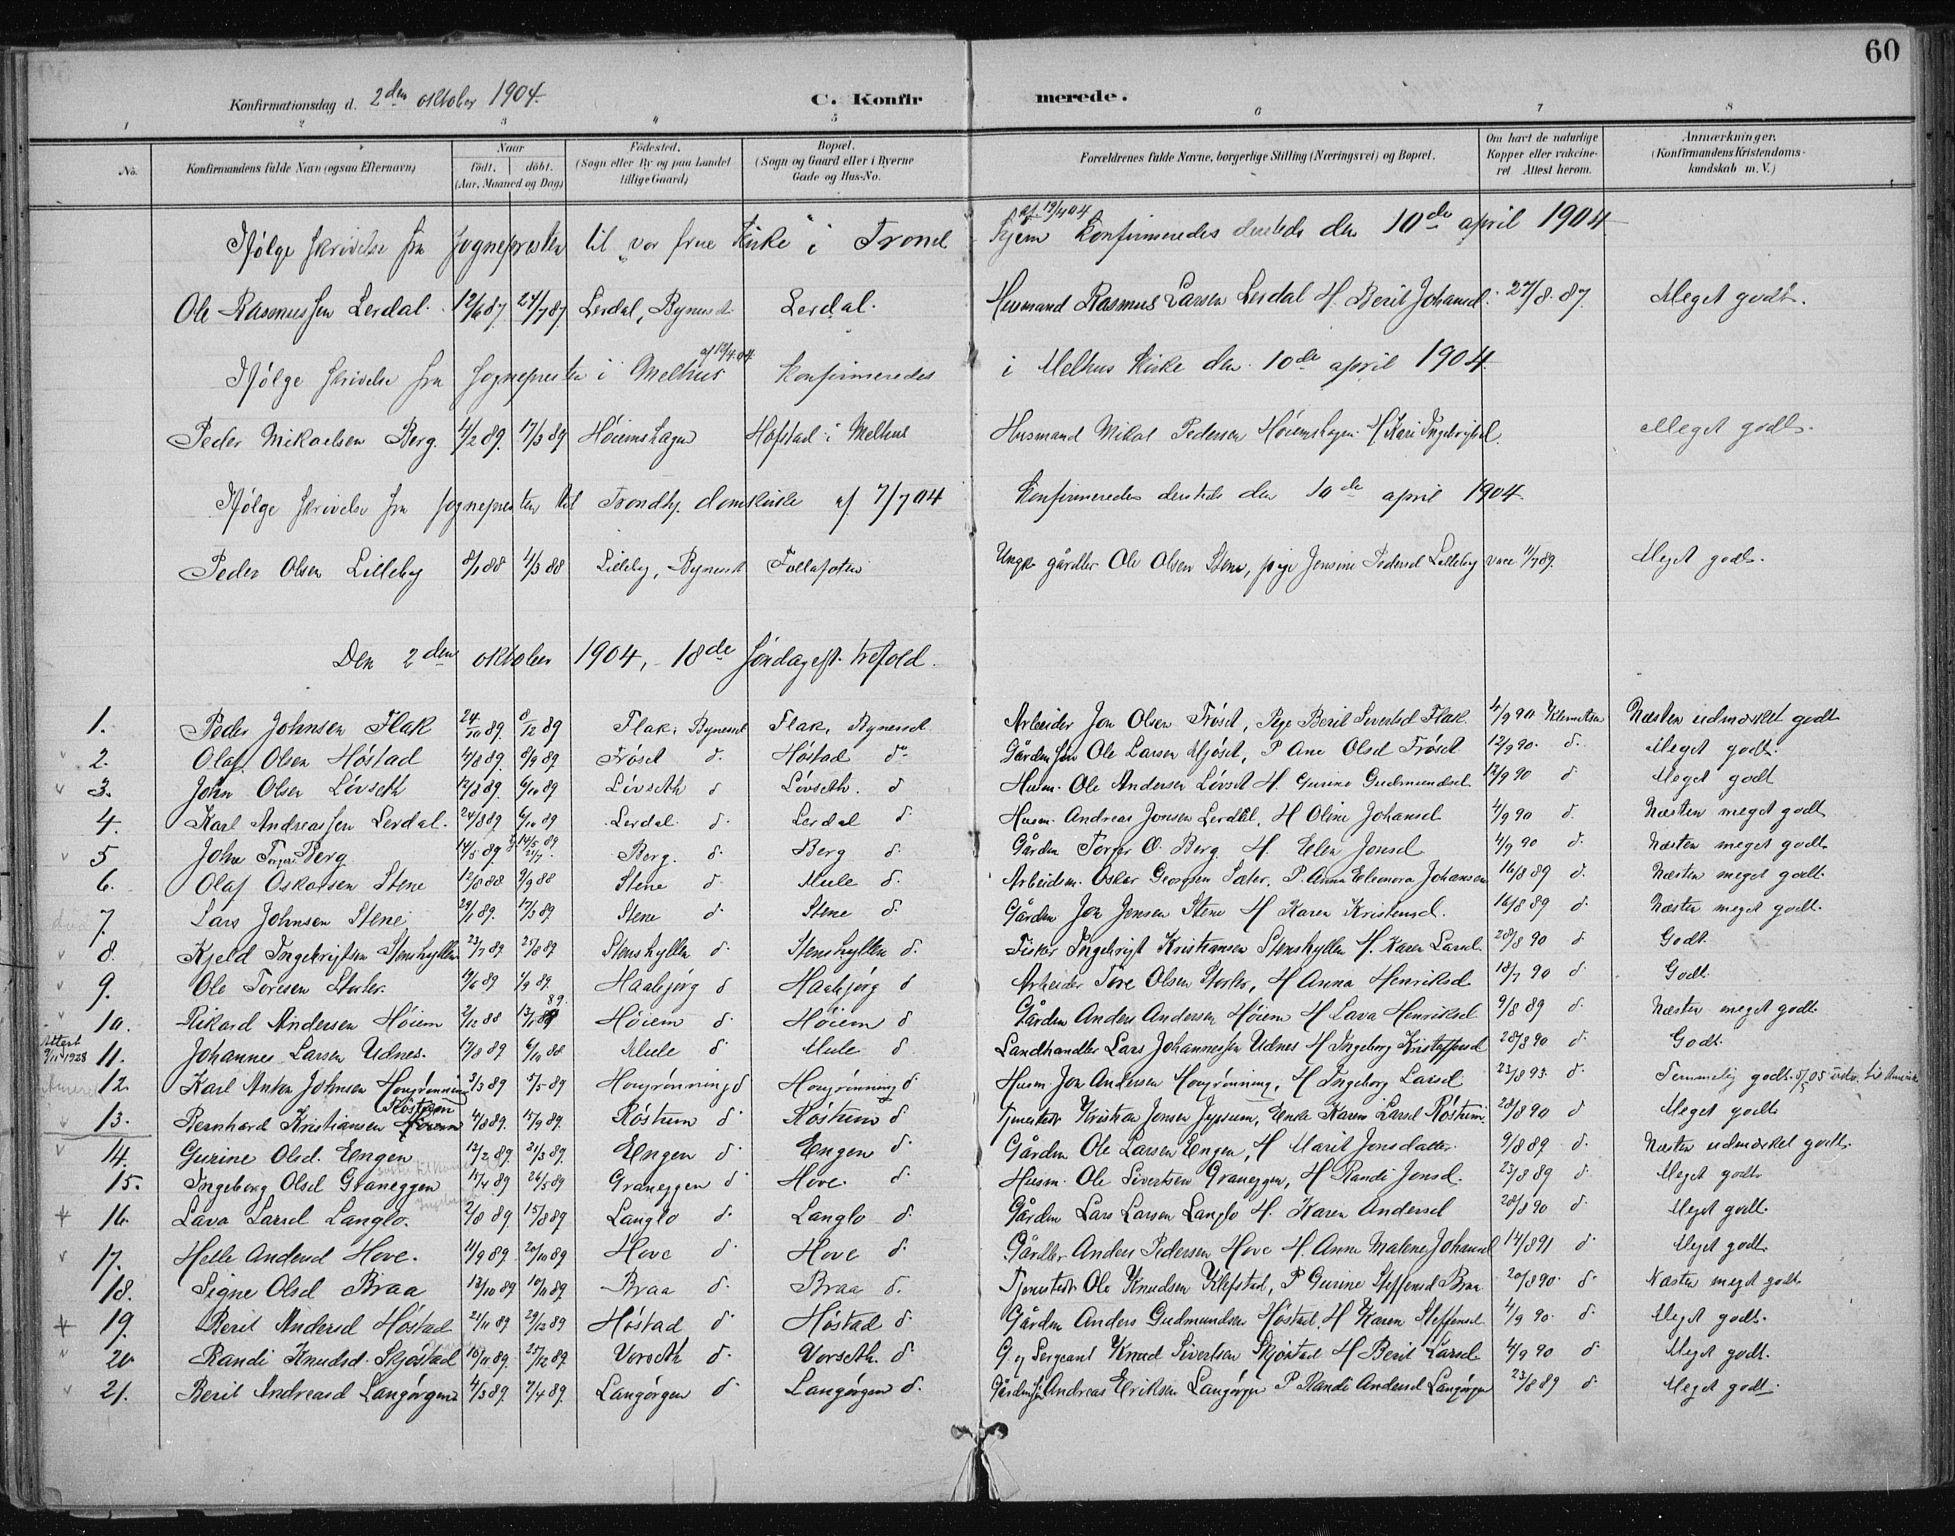 SAT, Ministerialprotokoller, klokkerbøker og fødselsregistre - Sør-Trøndelag, 612/L0380: Ministerialbok nr. 612A12, 1898-1907, s. 60